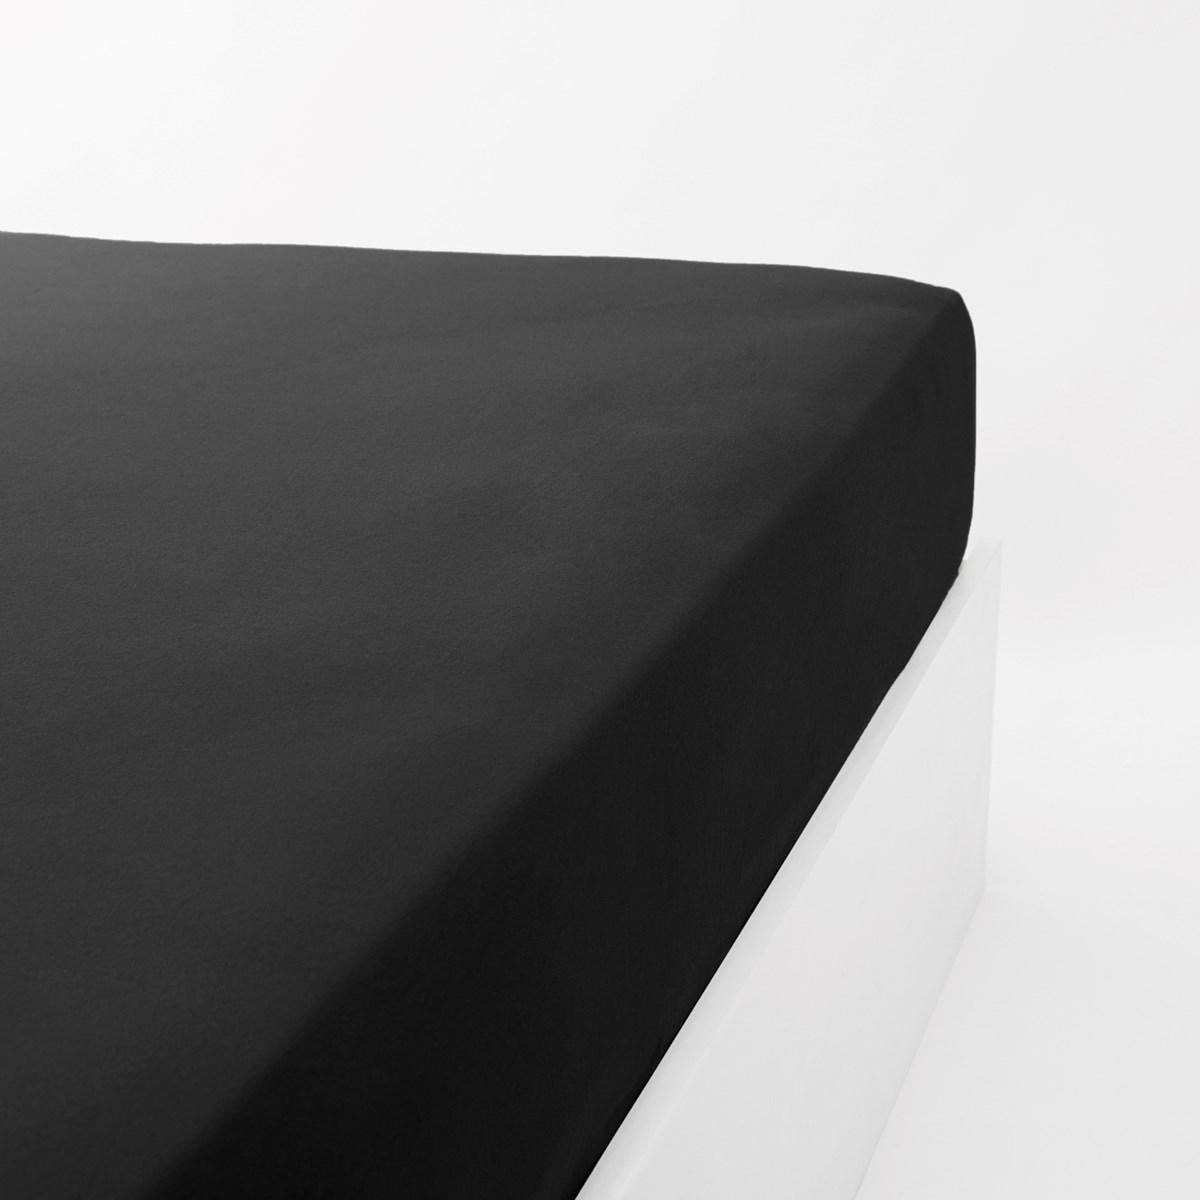 Drap housse jersey extensible en coton noir 100x200 cm